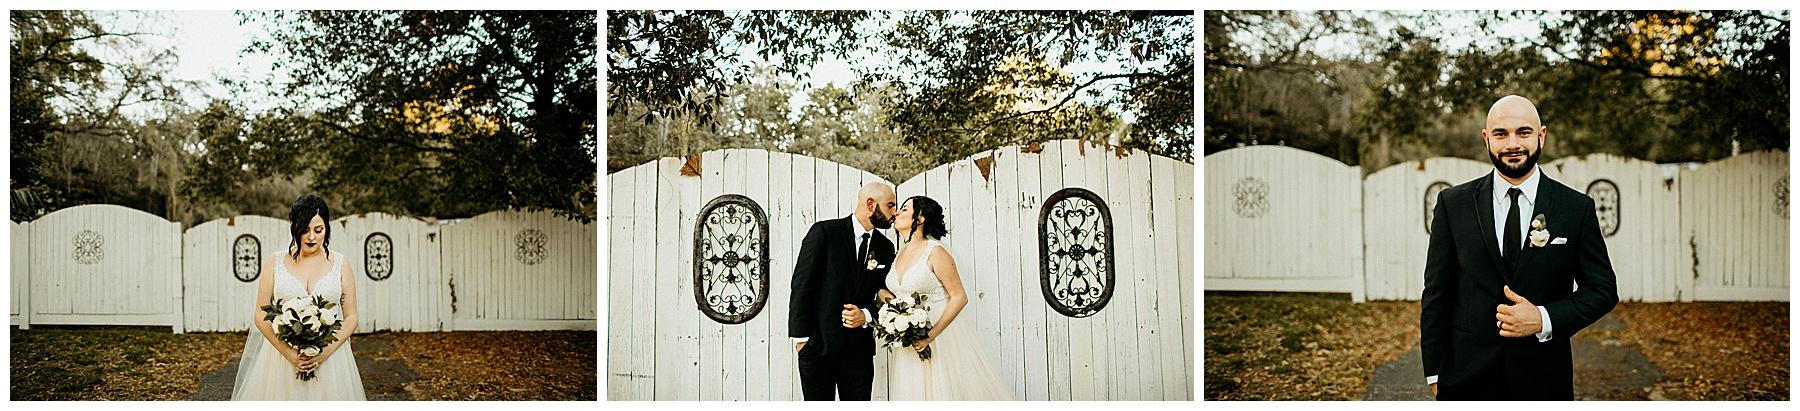 Amanda and Daniel Blog-87.jpg